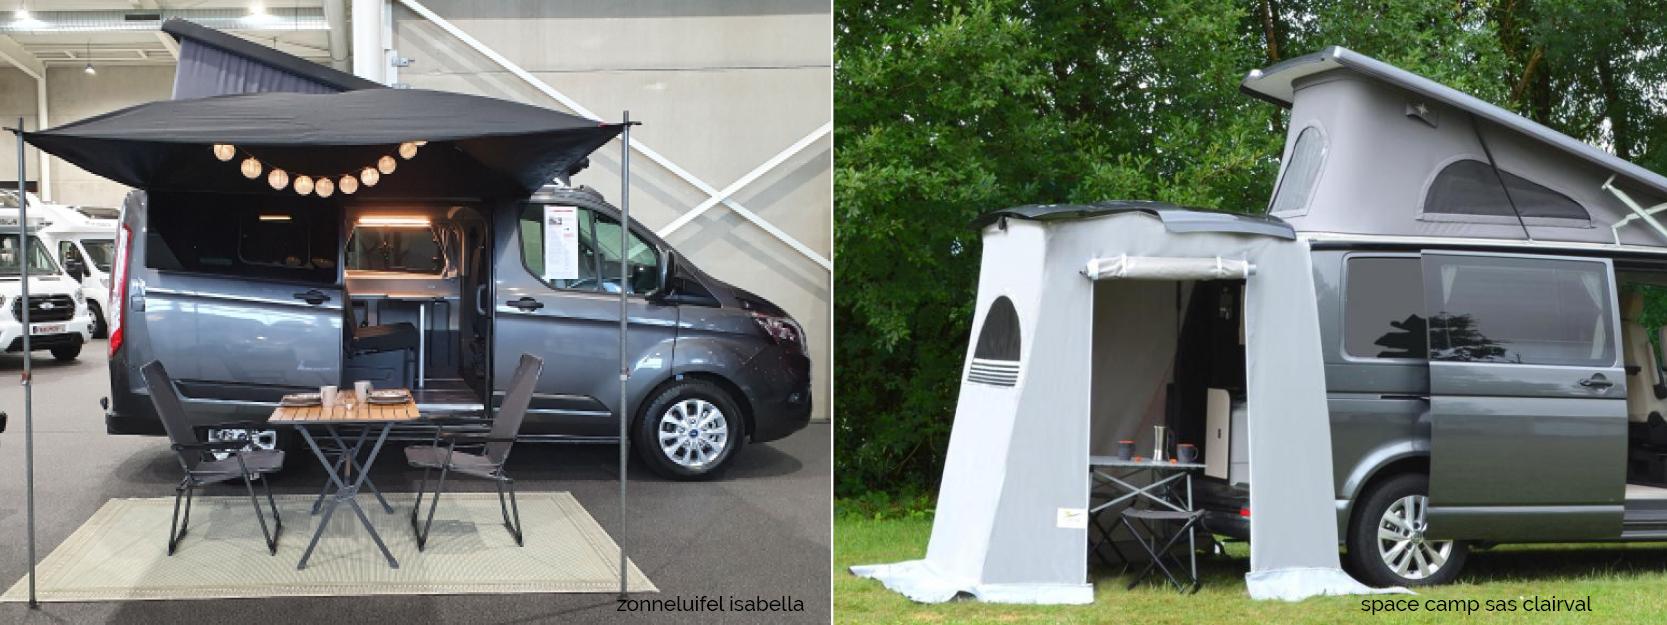 zonneluifel space camp sas isabella